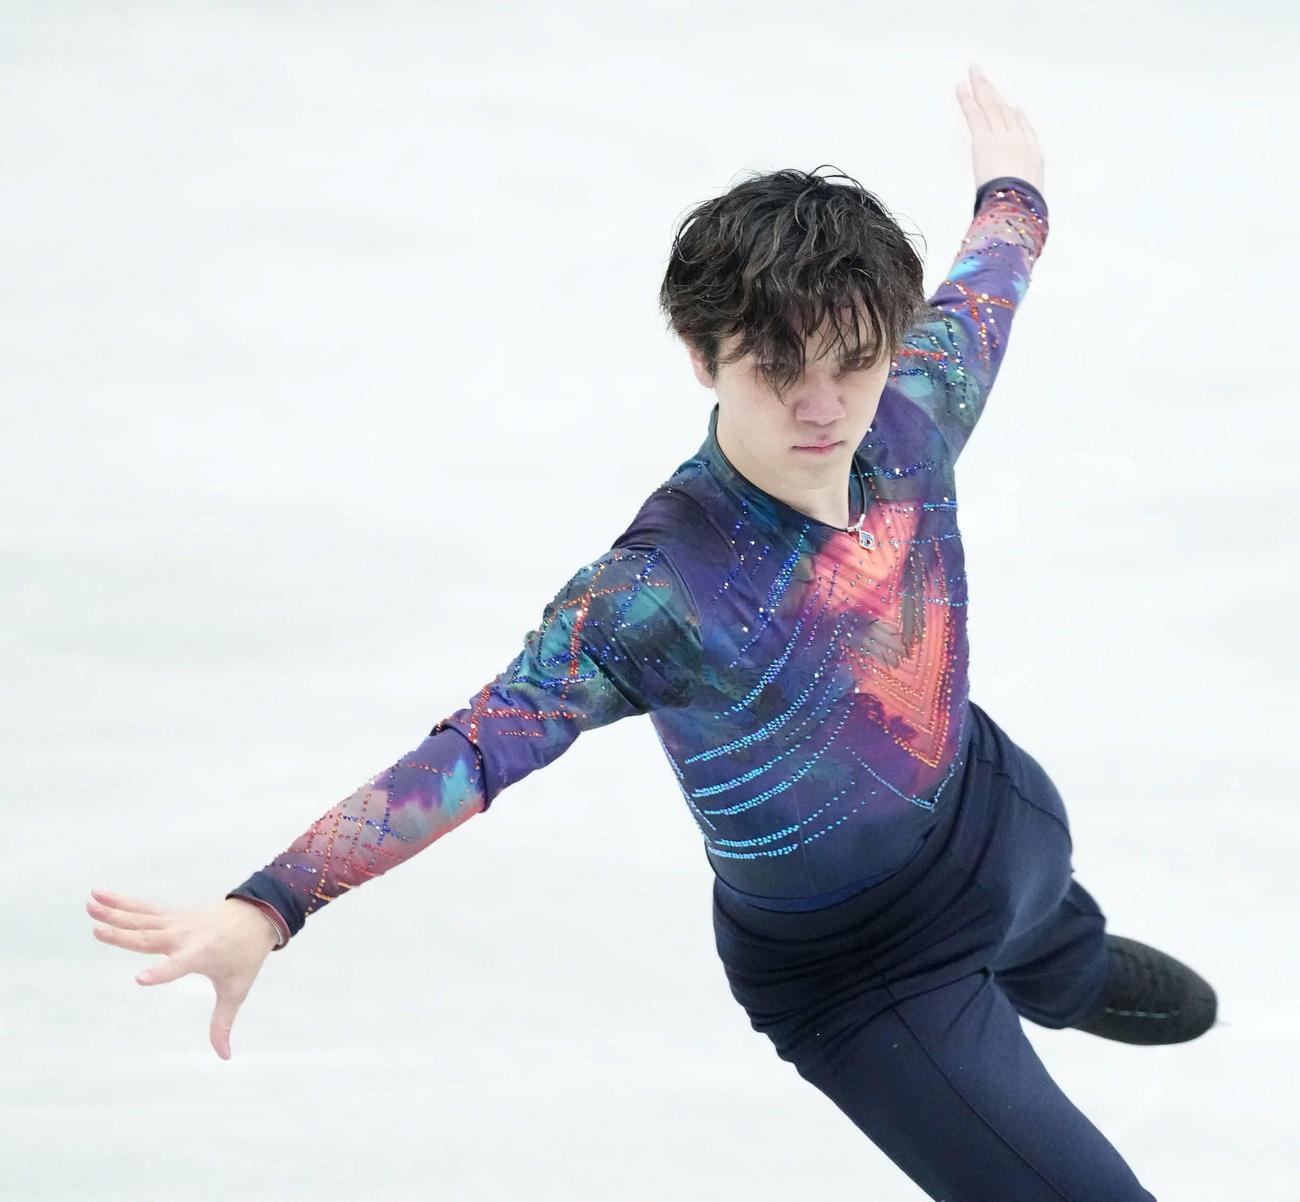 世界フィギュアスケート国別対抗戦・男子SPで演技する宇野昌磨(2021年4月15日 代表撮影)